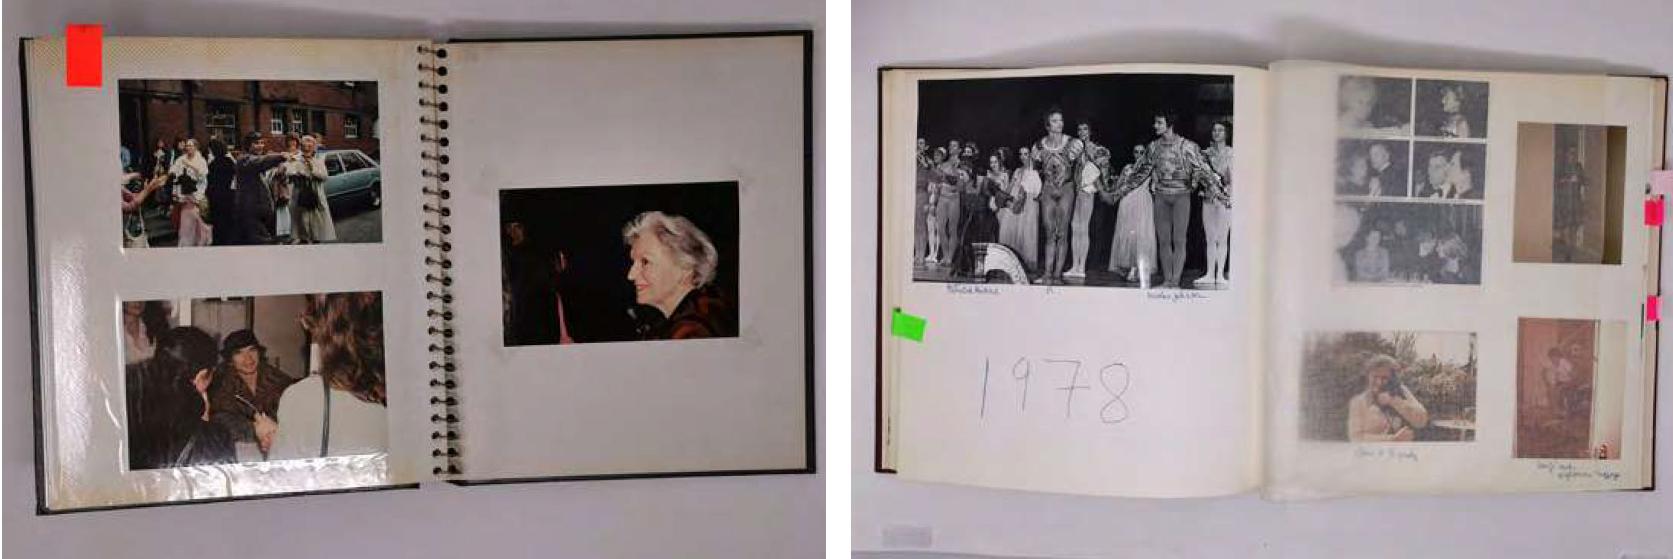 Архив Рудольфа Нуреева / Коллекция Дус Франсуа / Фото hermitagefineart.com